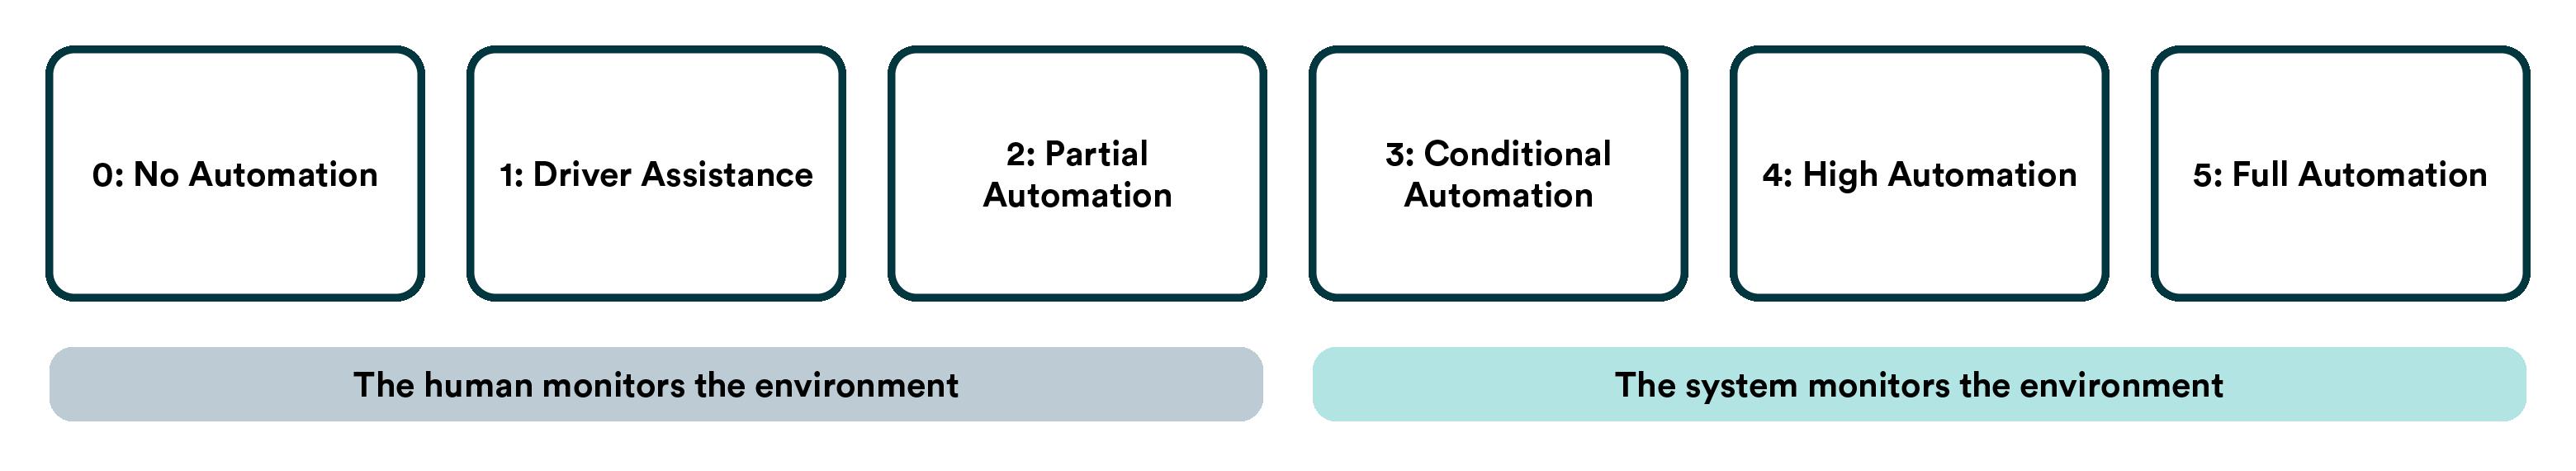 The 6 Levels of Vehicle Autonomy Explained